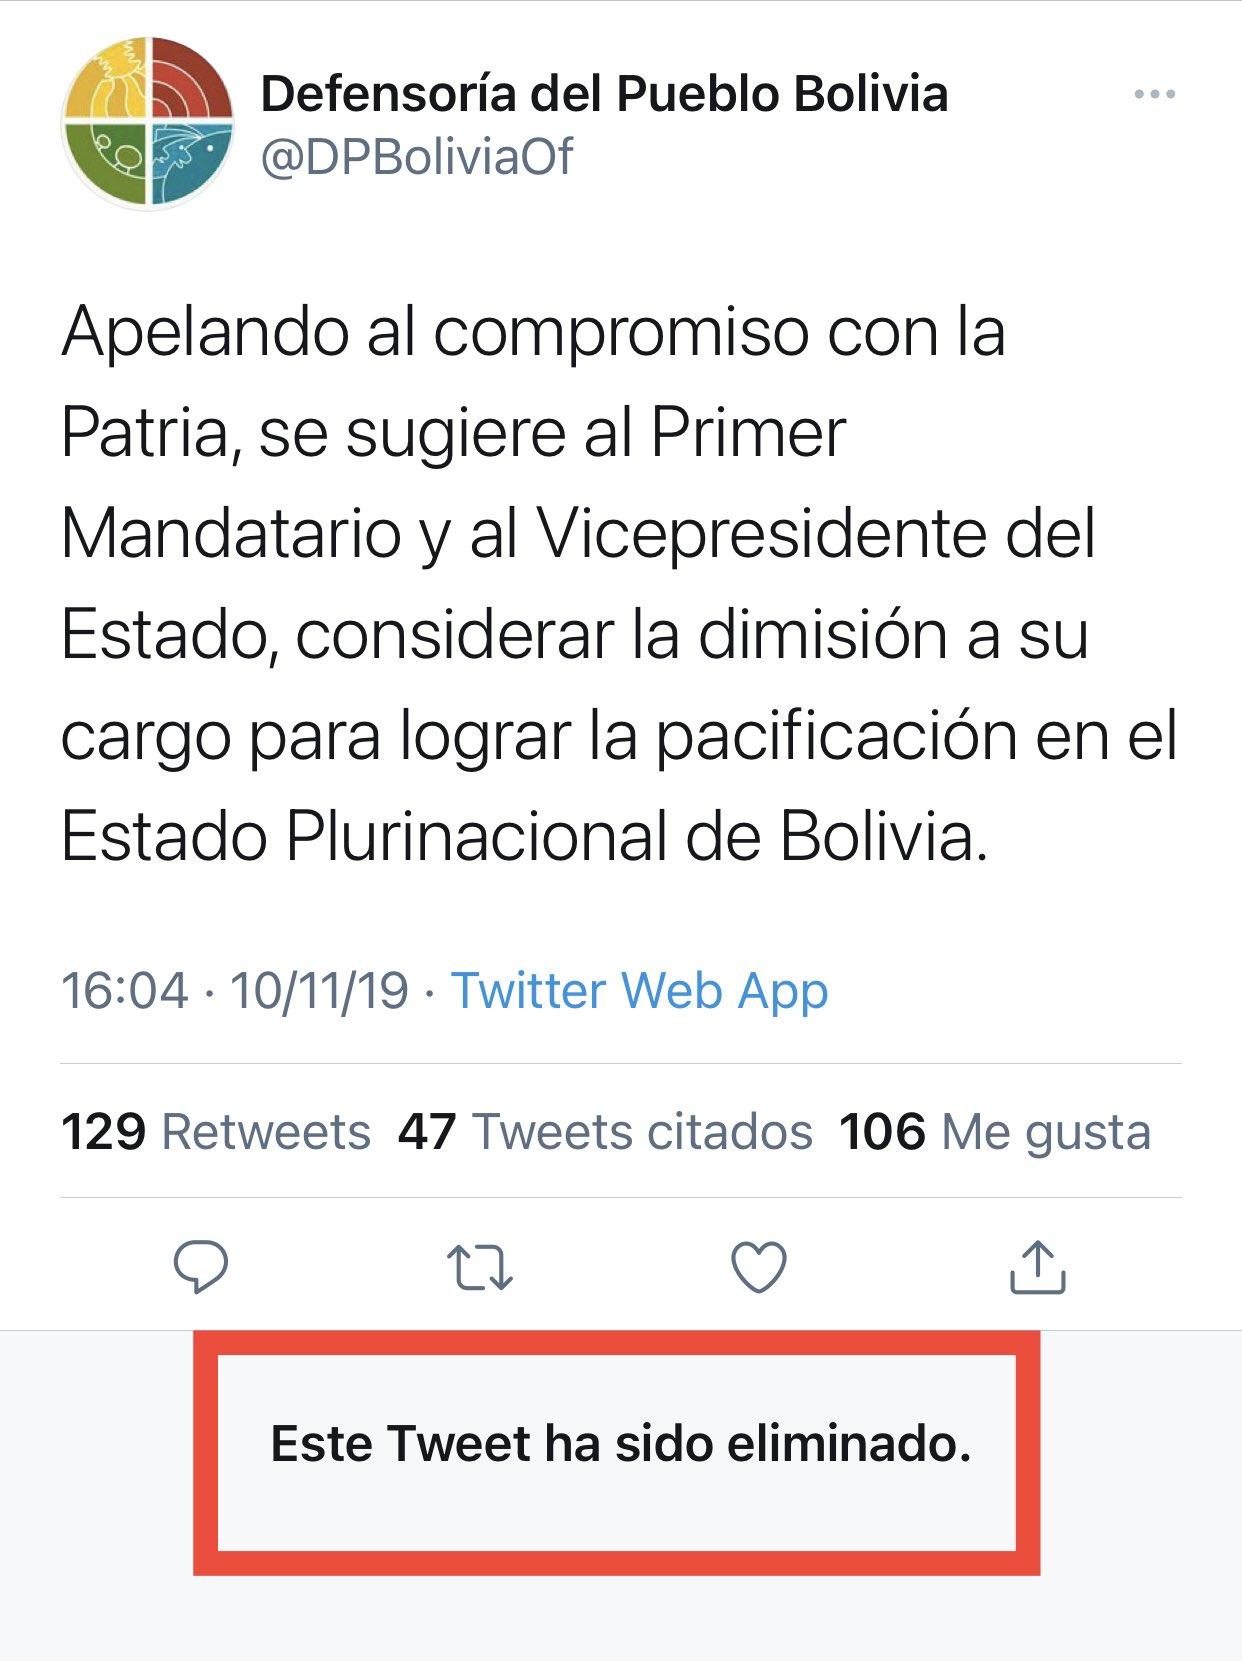 Defensoría del Pueblo elimina un tuit y un comunicado en el que pedía la renuncia de Evo